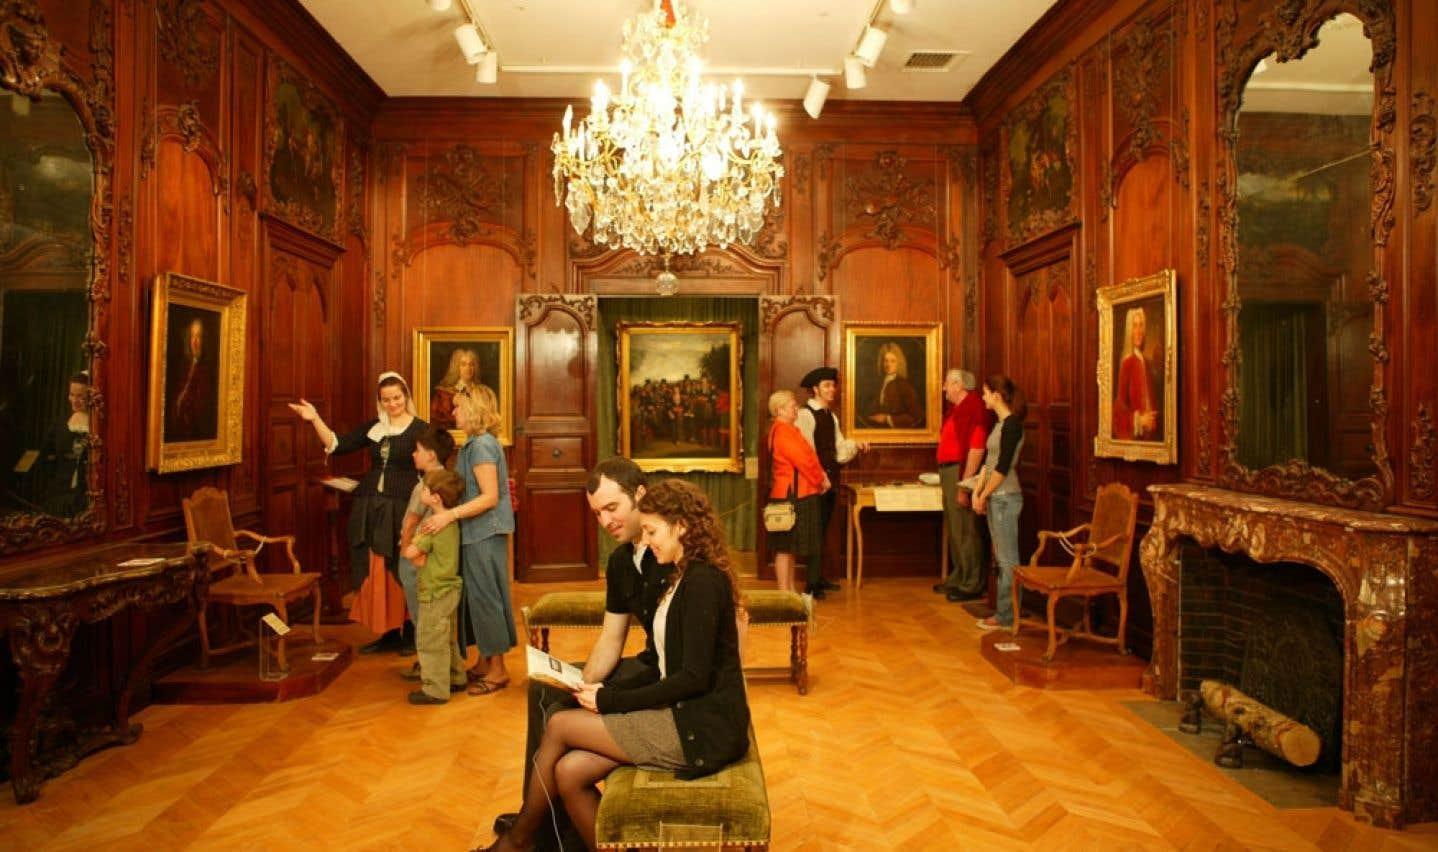 Dans la salle de Nantes, au Château Ramezay, les boiseries constituent en elles-mêmes des artefacts que peuvent admirer les visiteurs.